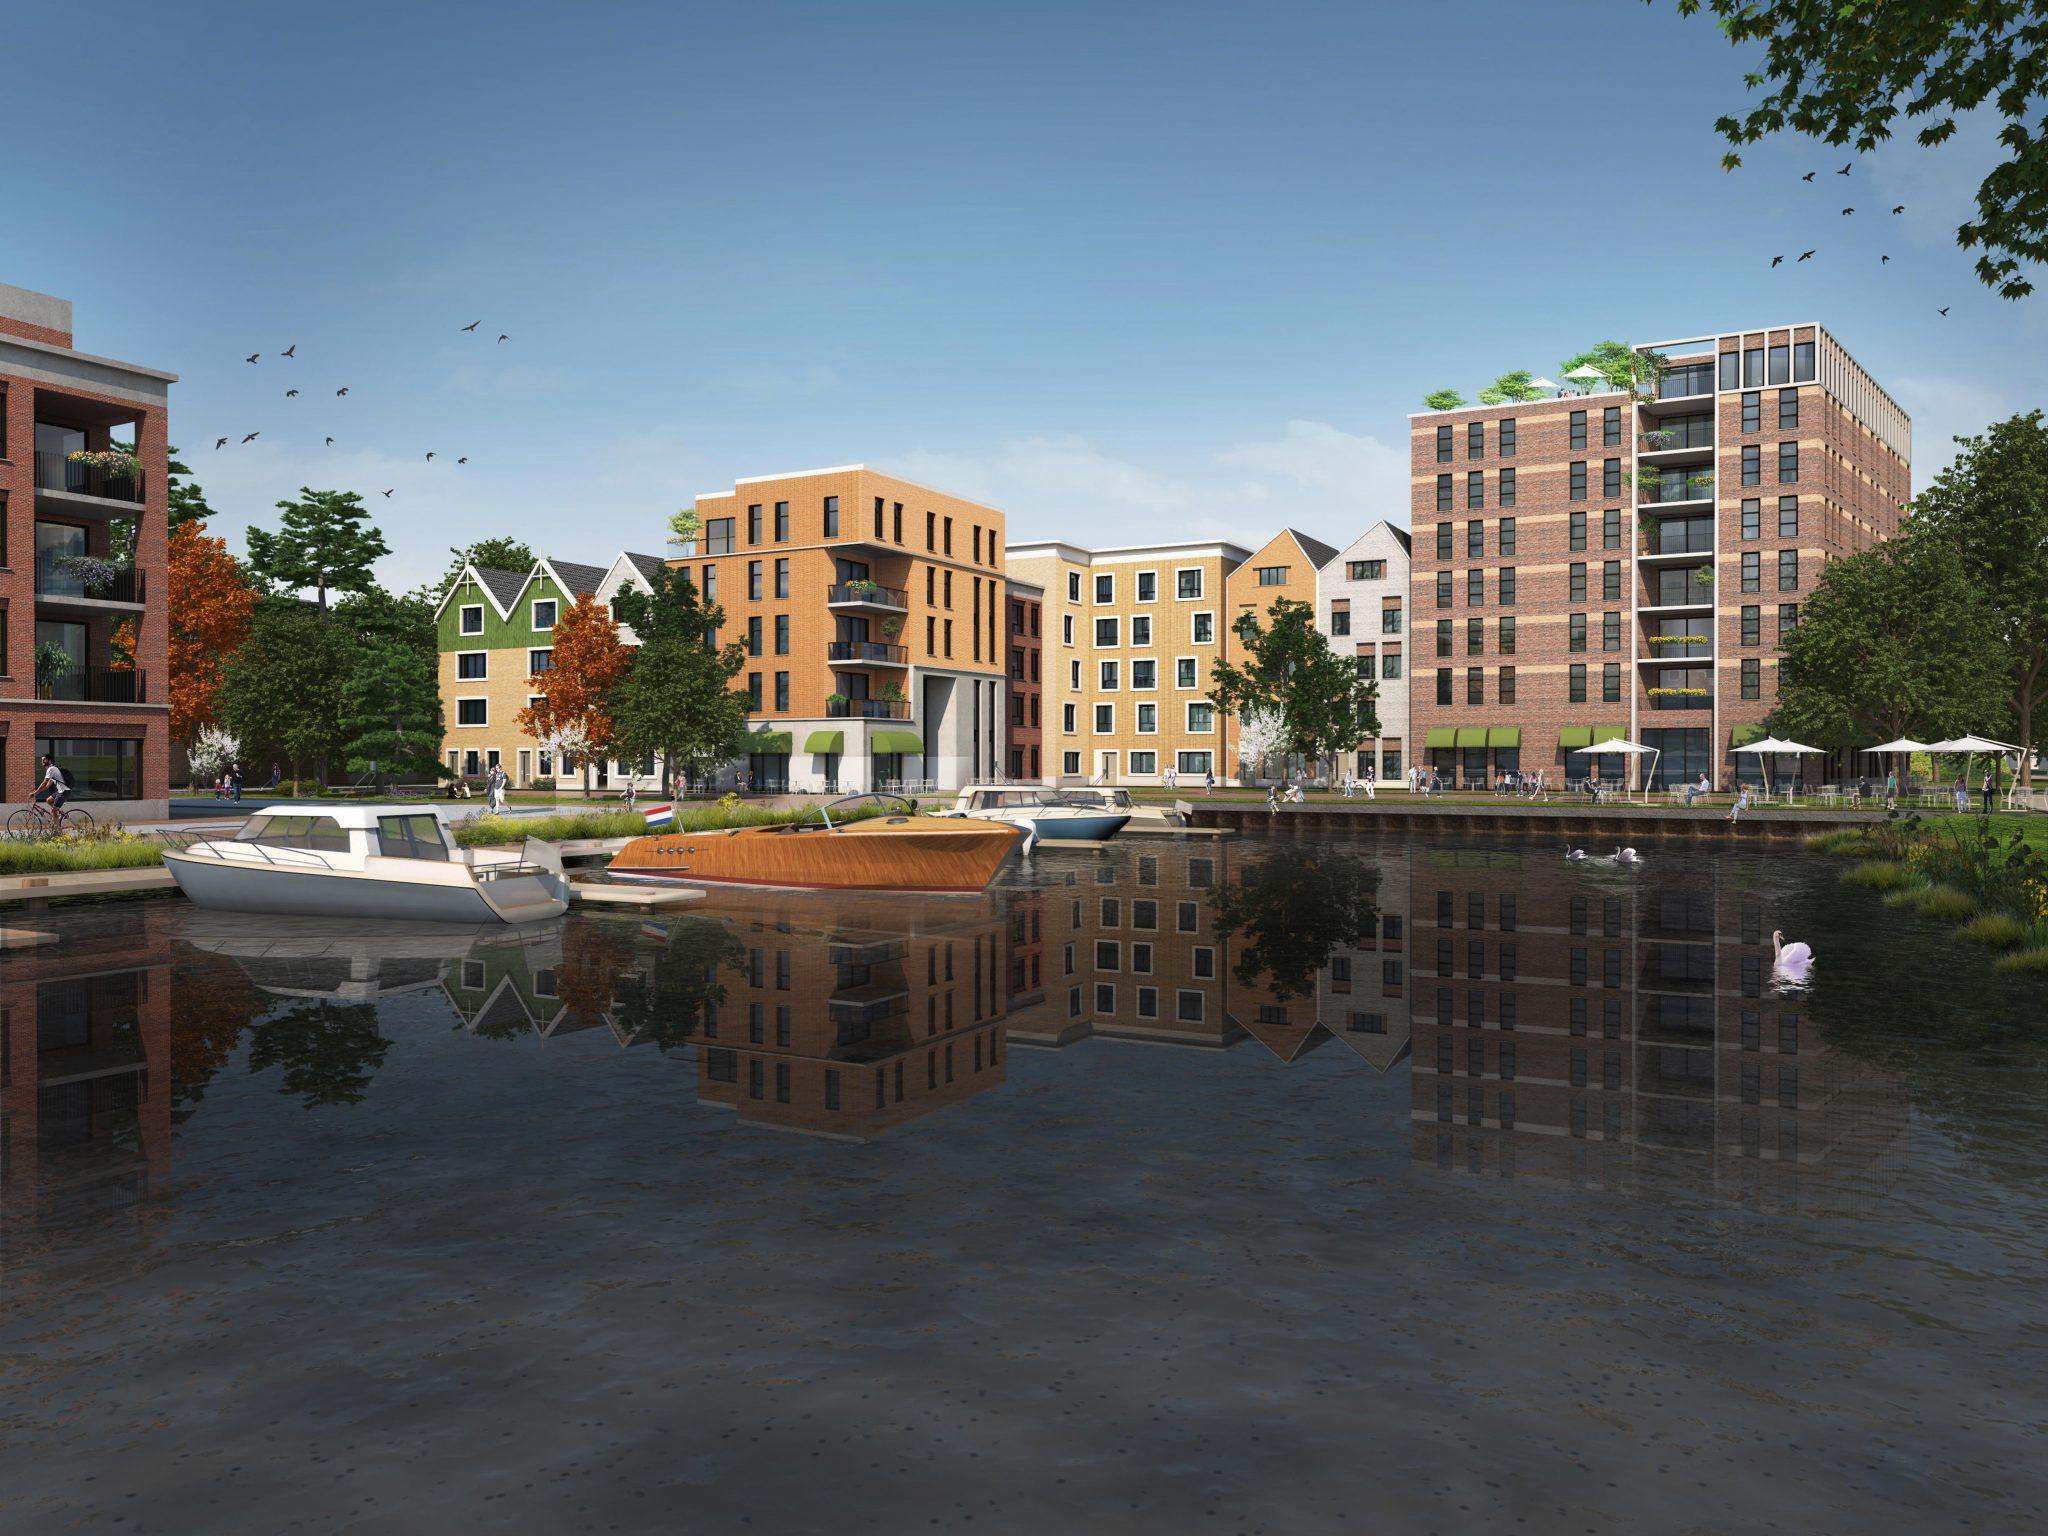 Eerste impressies van nieuwe zaandamse wijk oostzijderpark for Koophuizen den haag